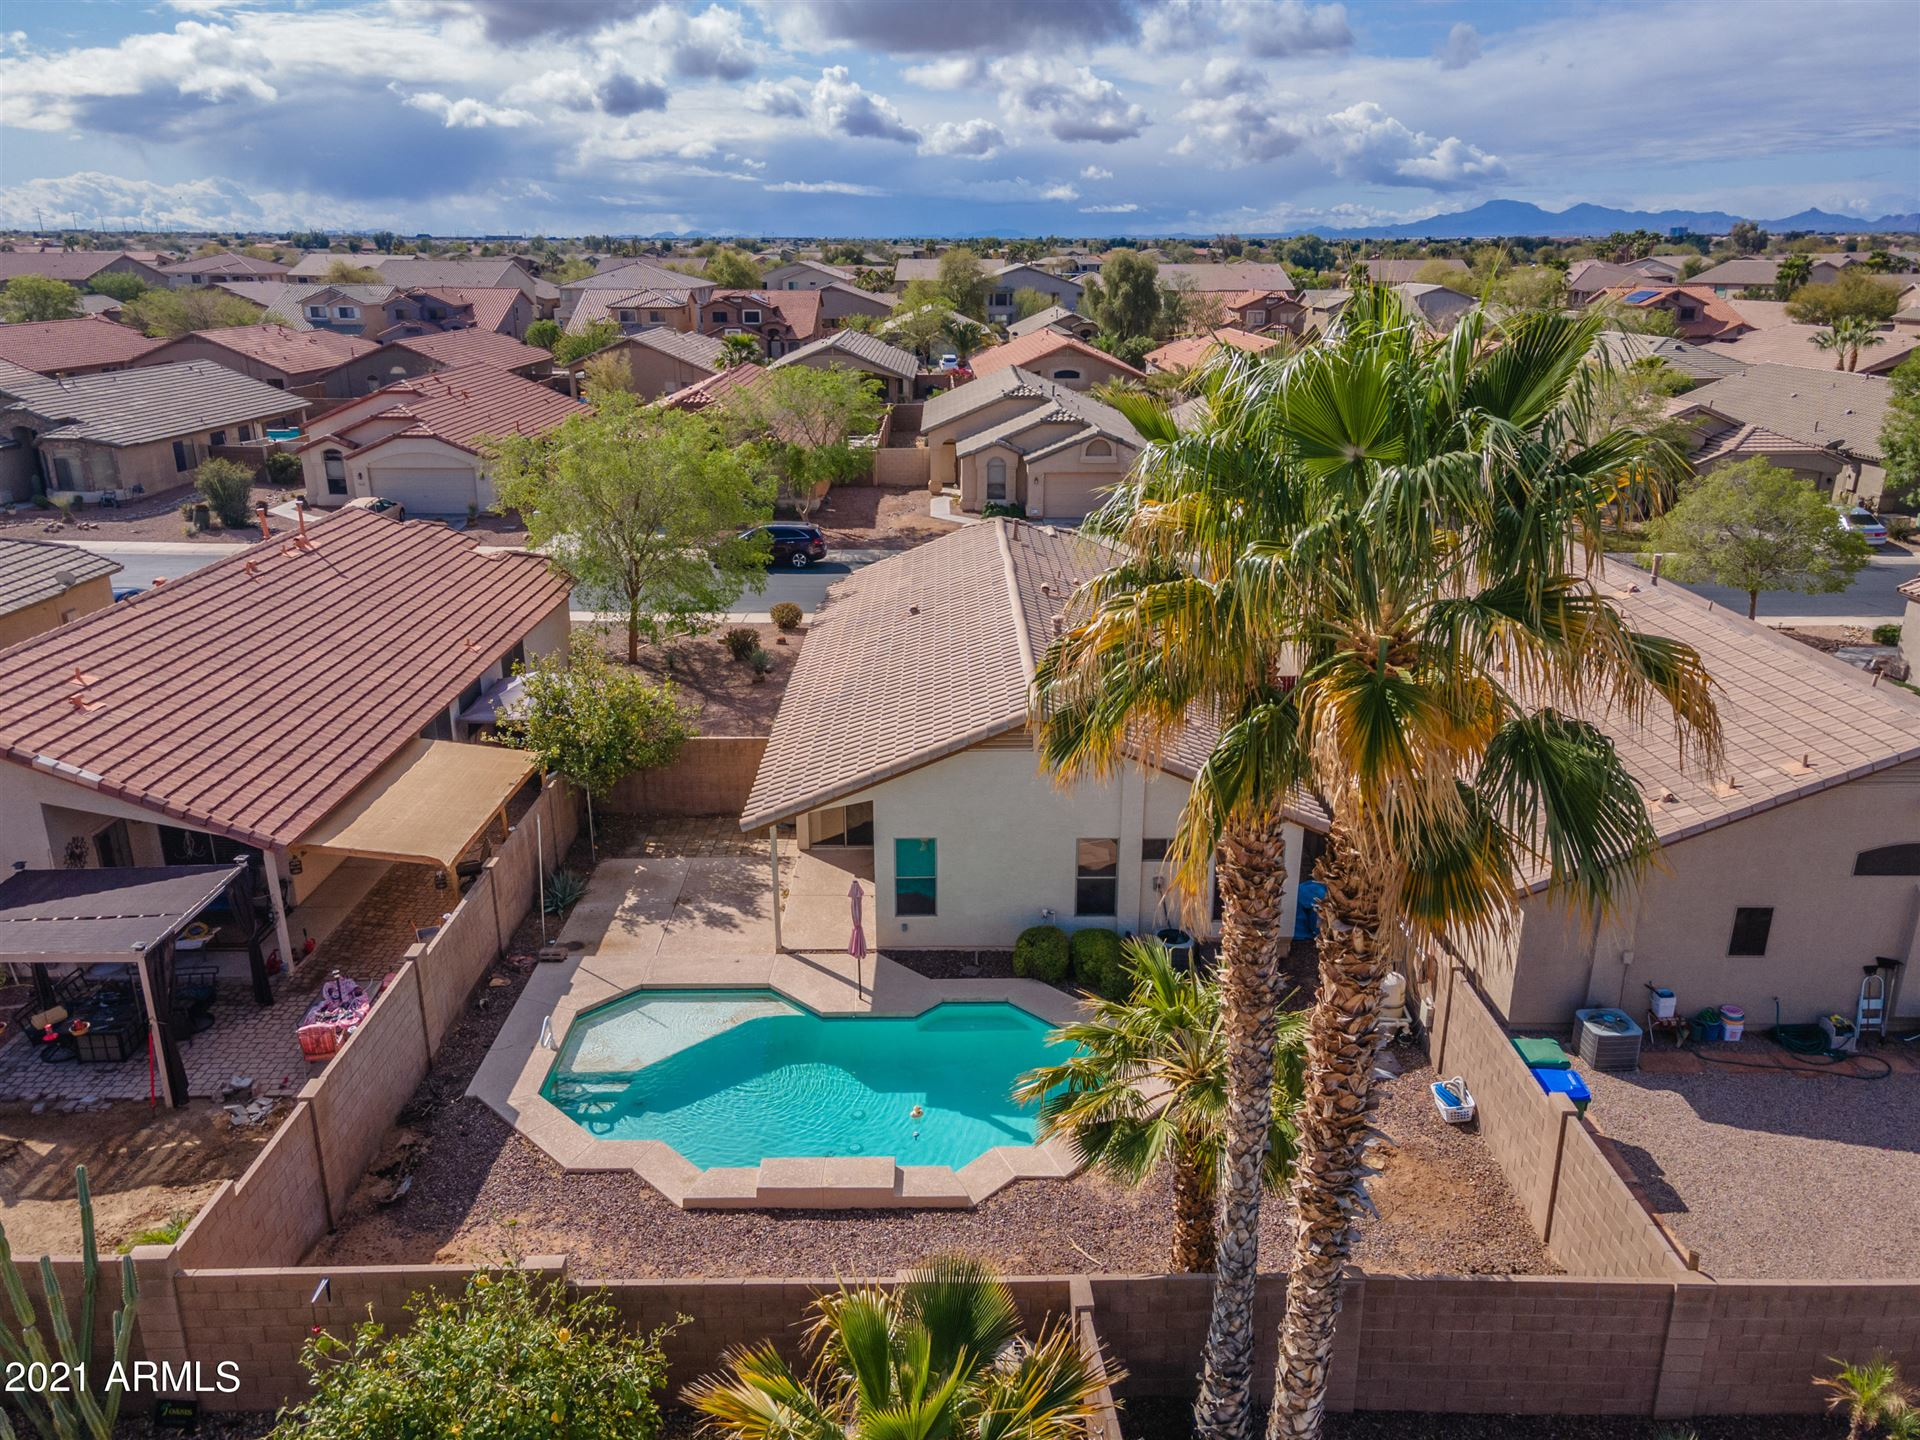 42474 W SPARKS Drive, Maricopa, AZ 85138 - MLS#: 6198247